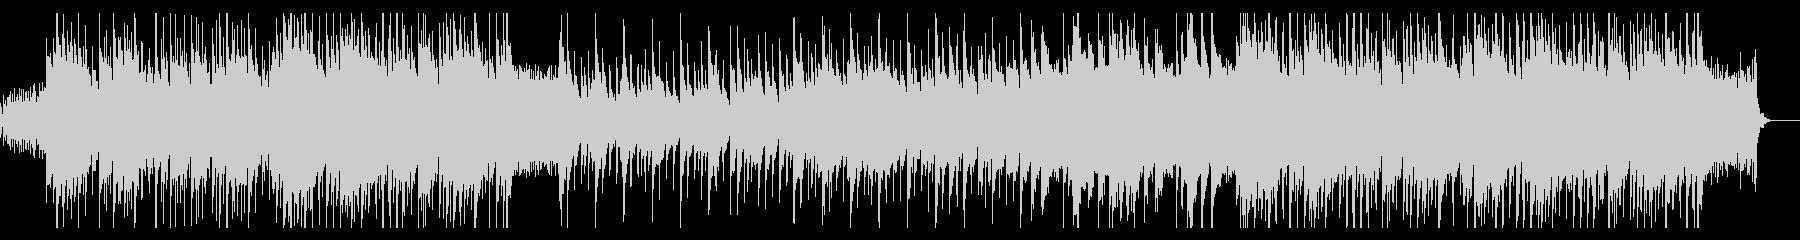 ニュース・情報番組、清涼ピアノポップスMの未再生の波形